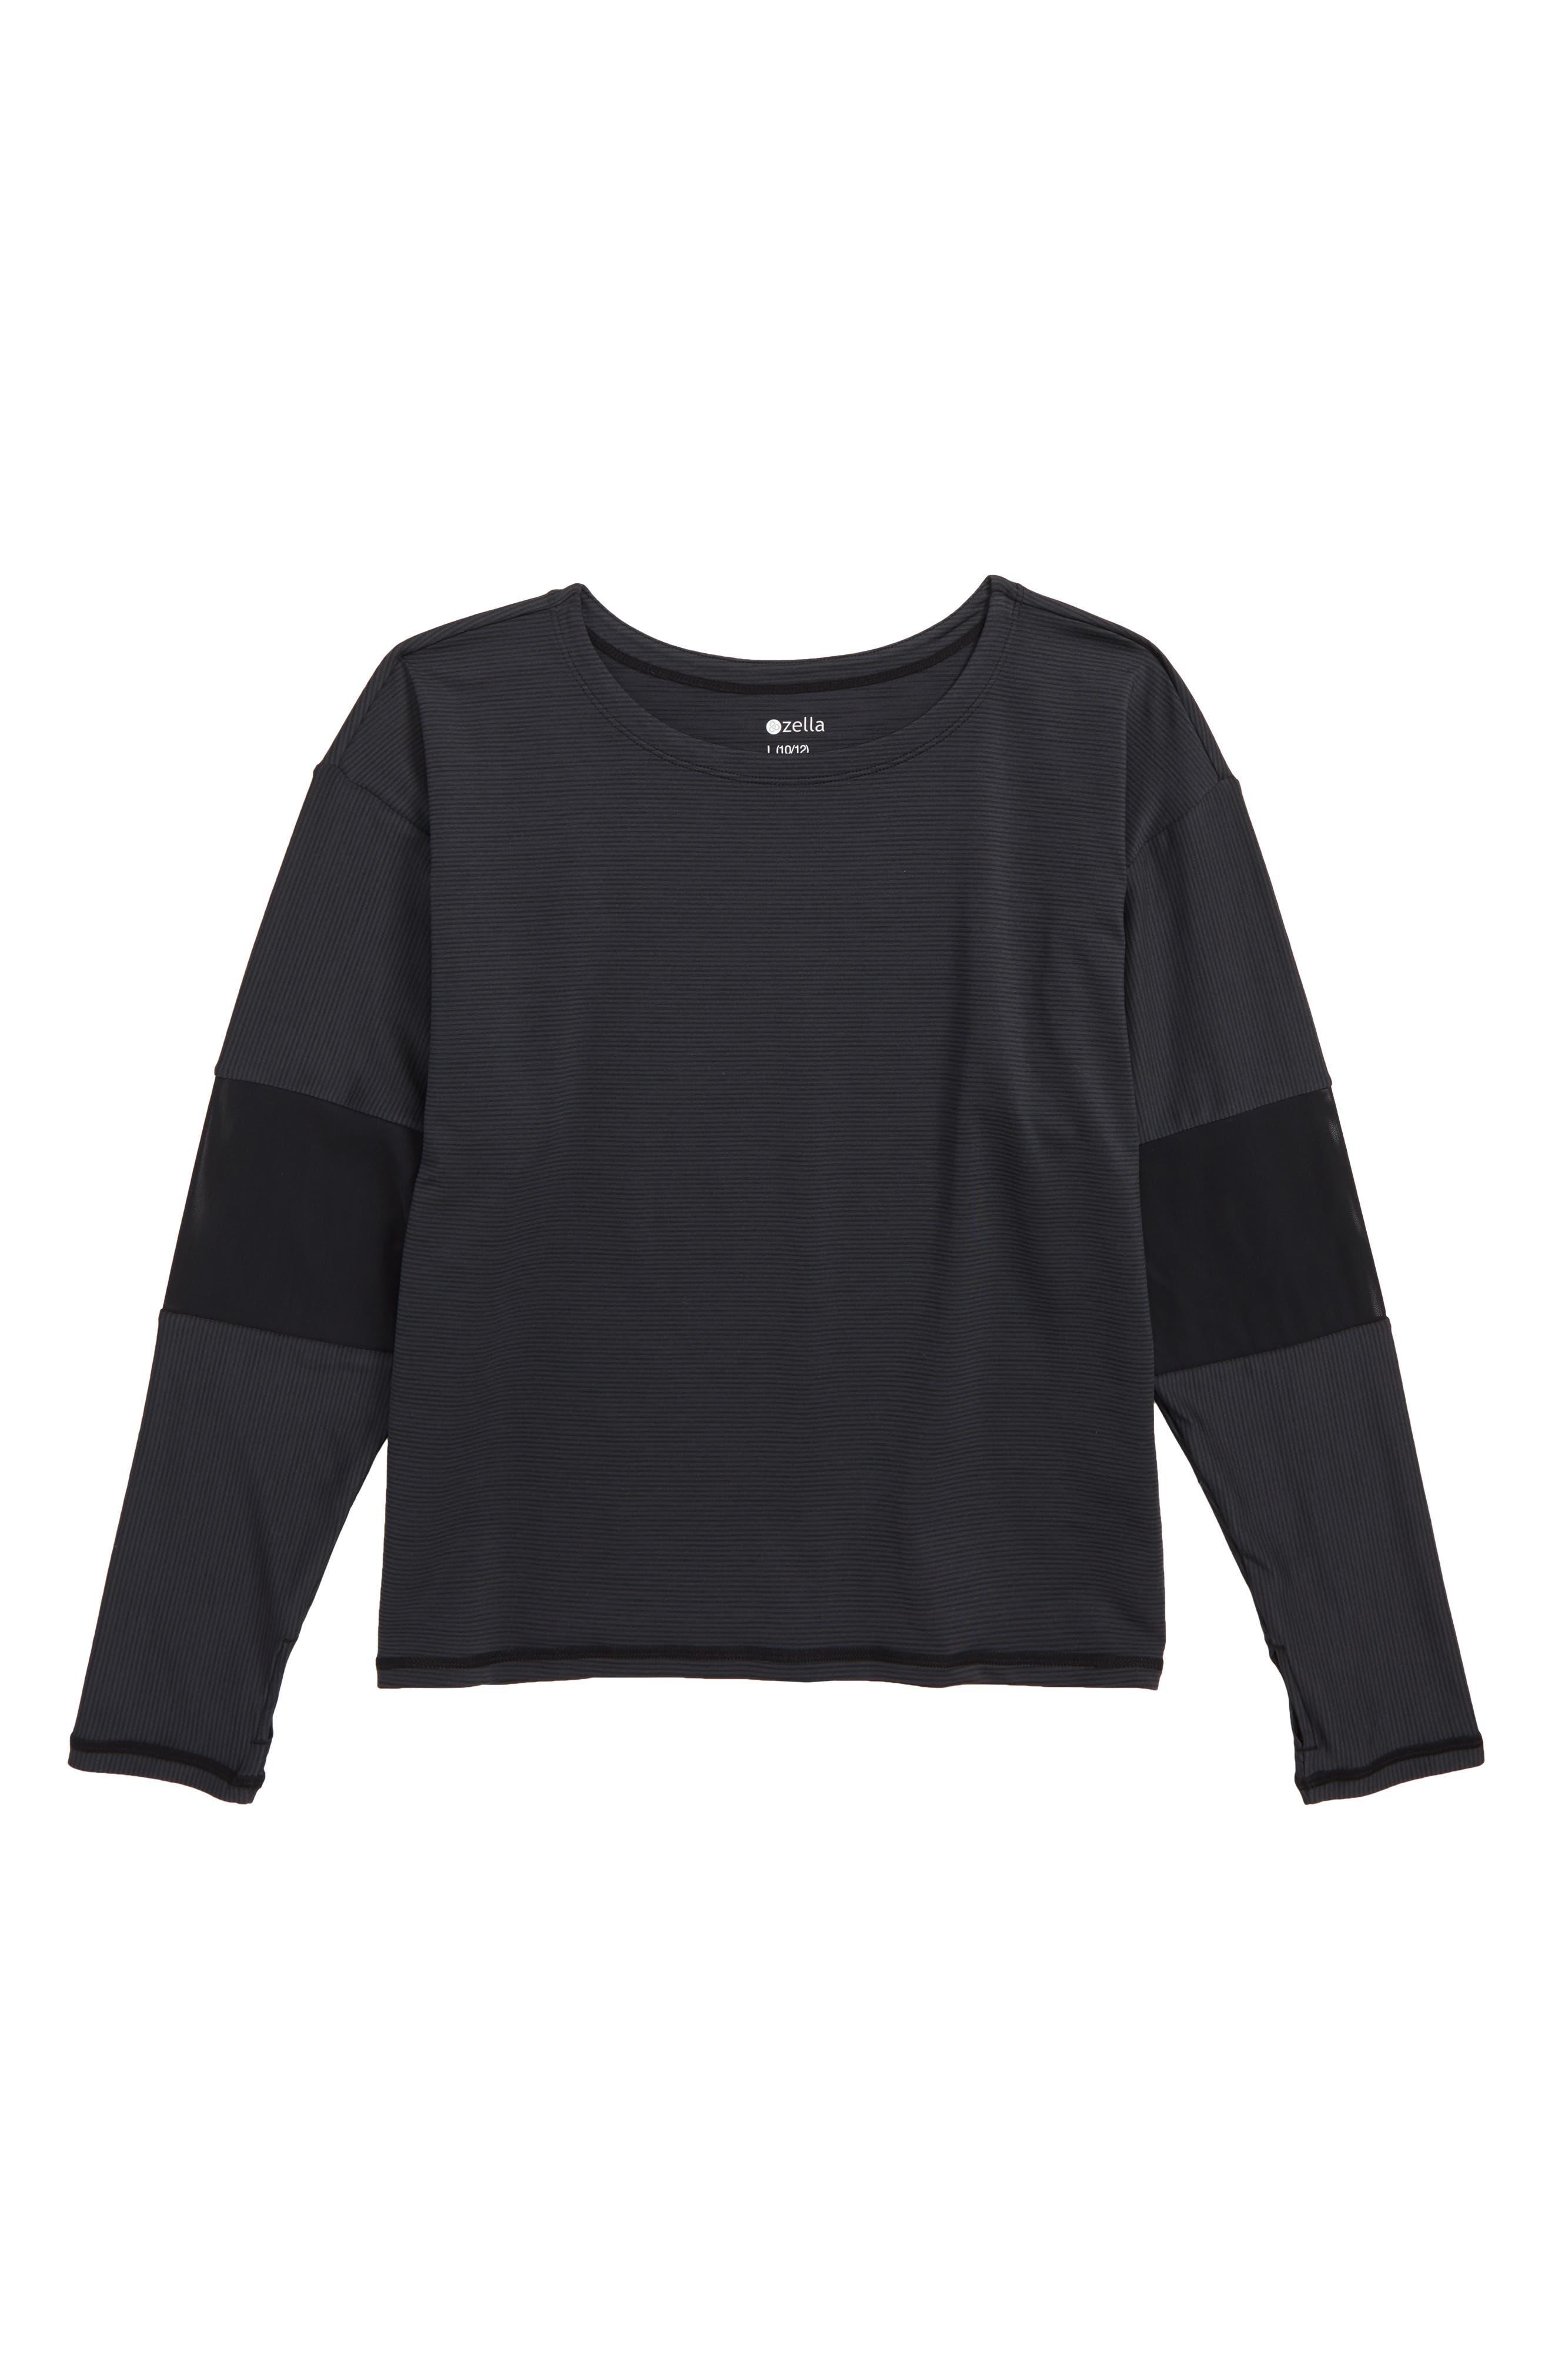 Stripe Knit & Mesh Top,                             Main thumbnail 1, color,                             BLACK- GREY STRIPE